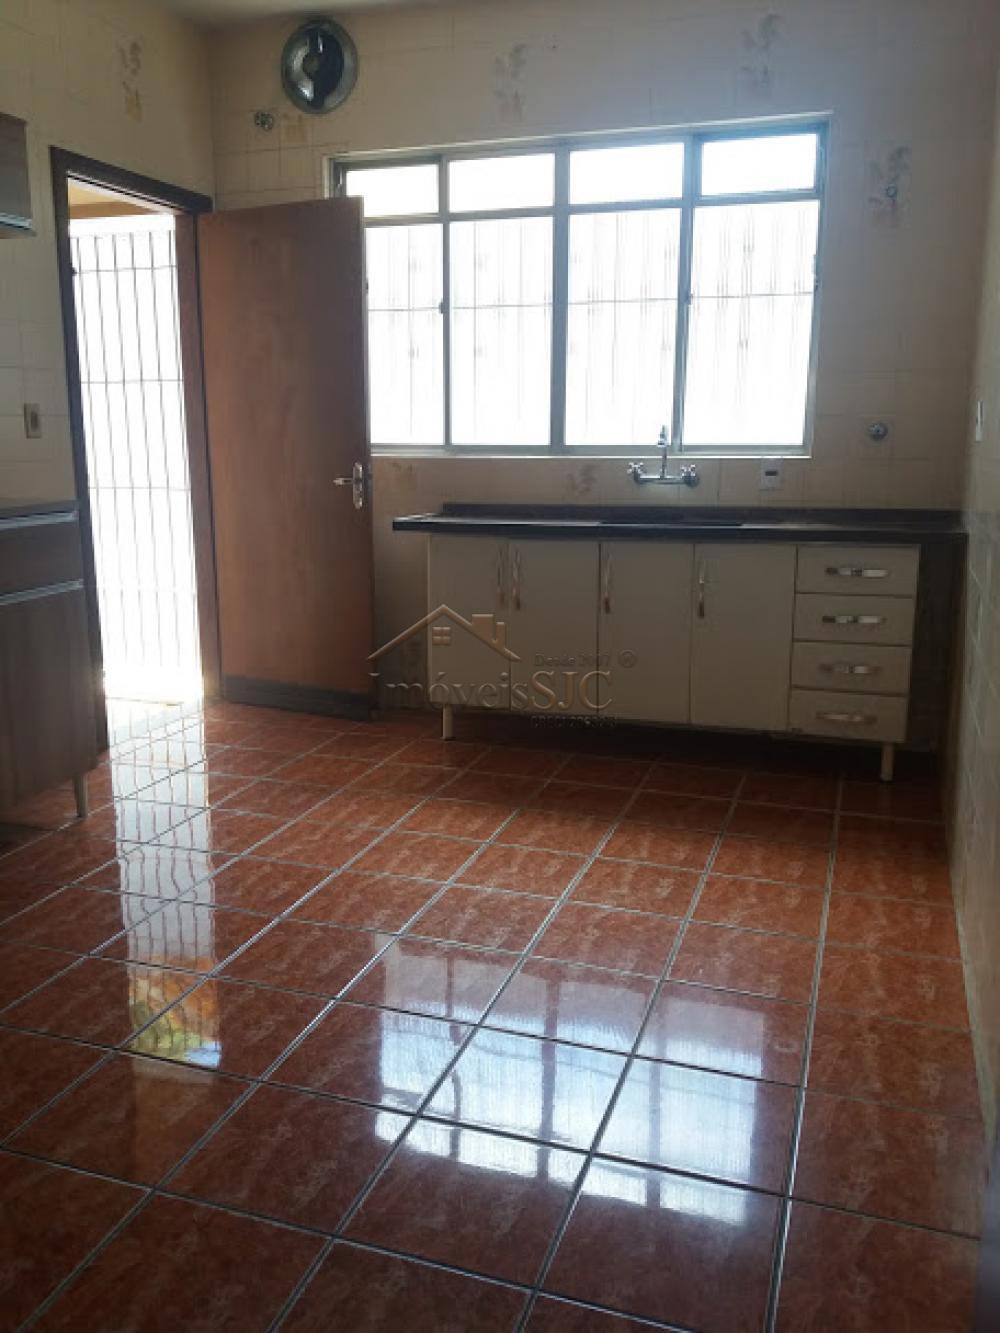 Alugar Casas / Padrão em São José dos Campos apenas R$ 2.200,00 - Foto 17